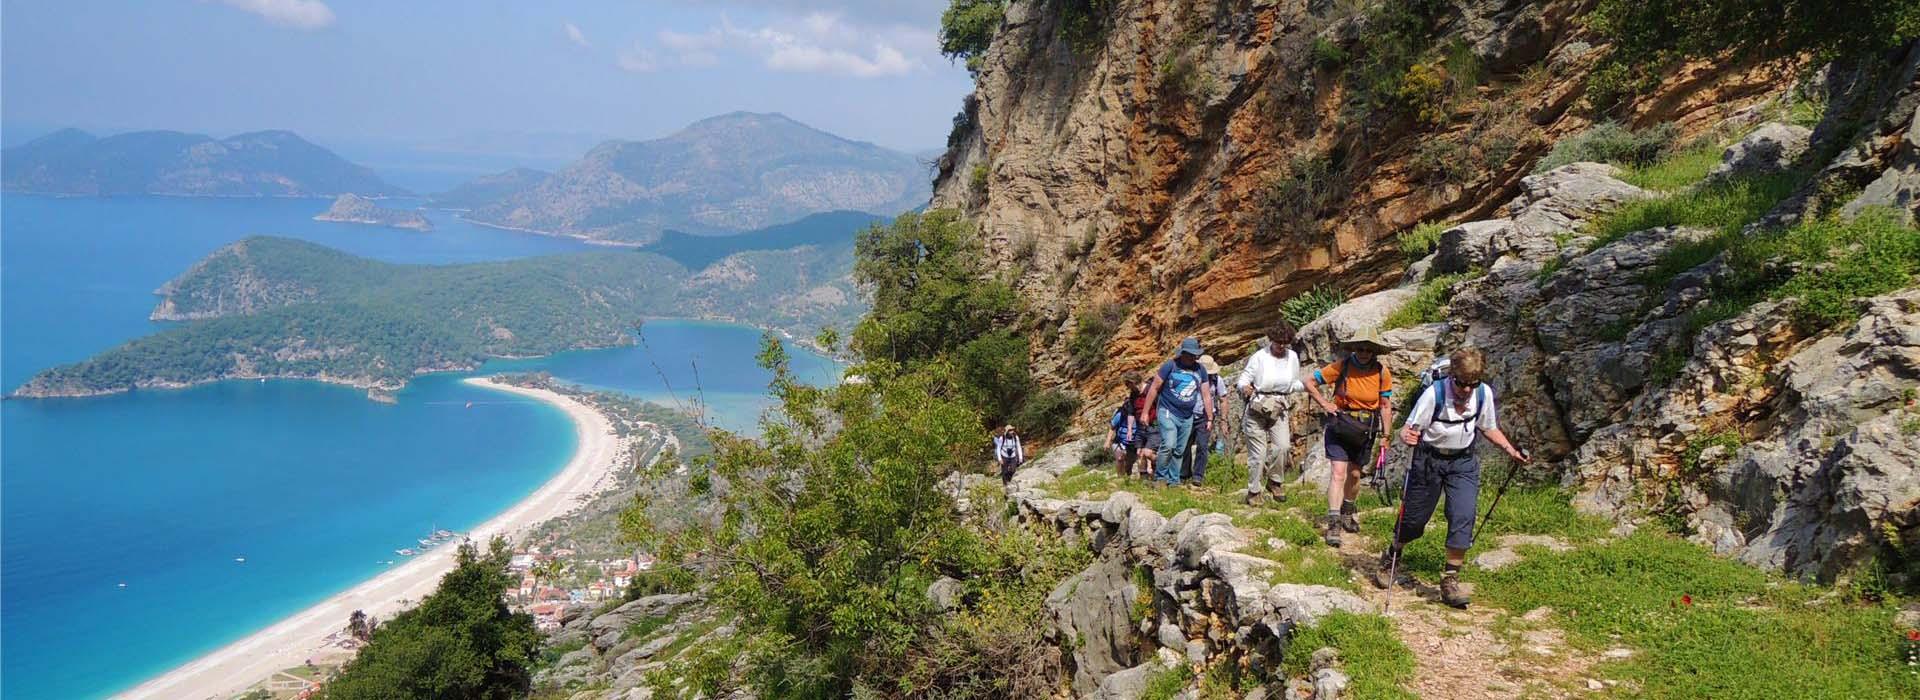 Türkiye'nin En İyi Trekking Yolları - Kaçkarlar